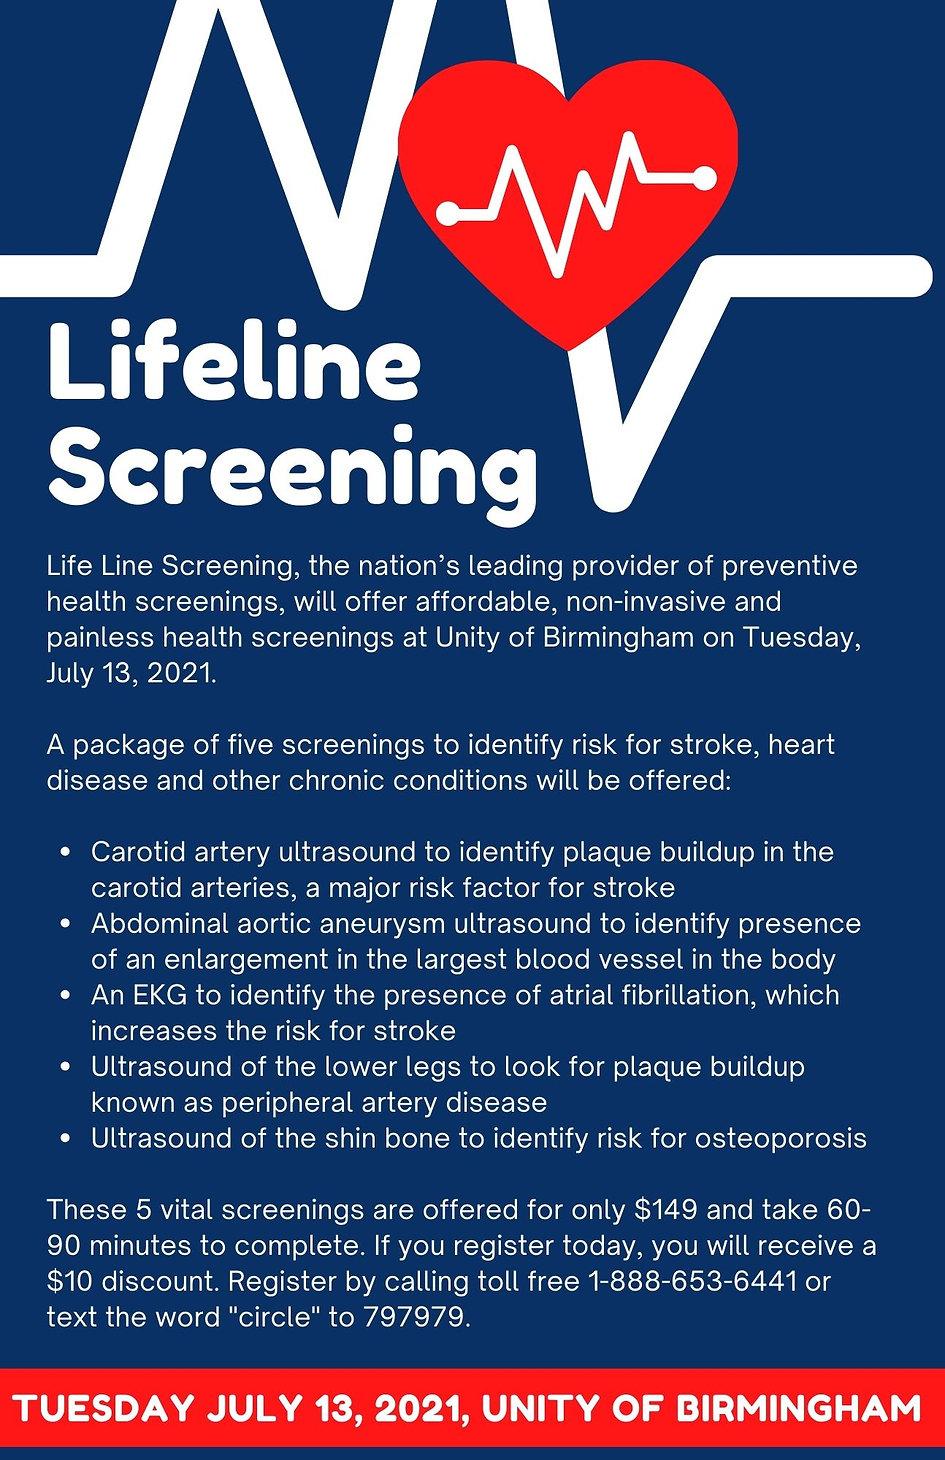 Lifeline Screening.jpg